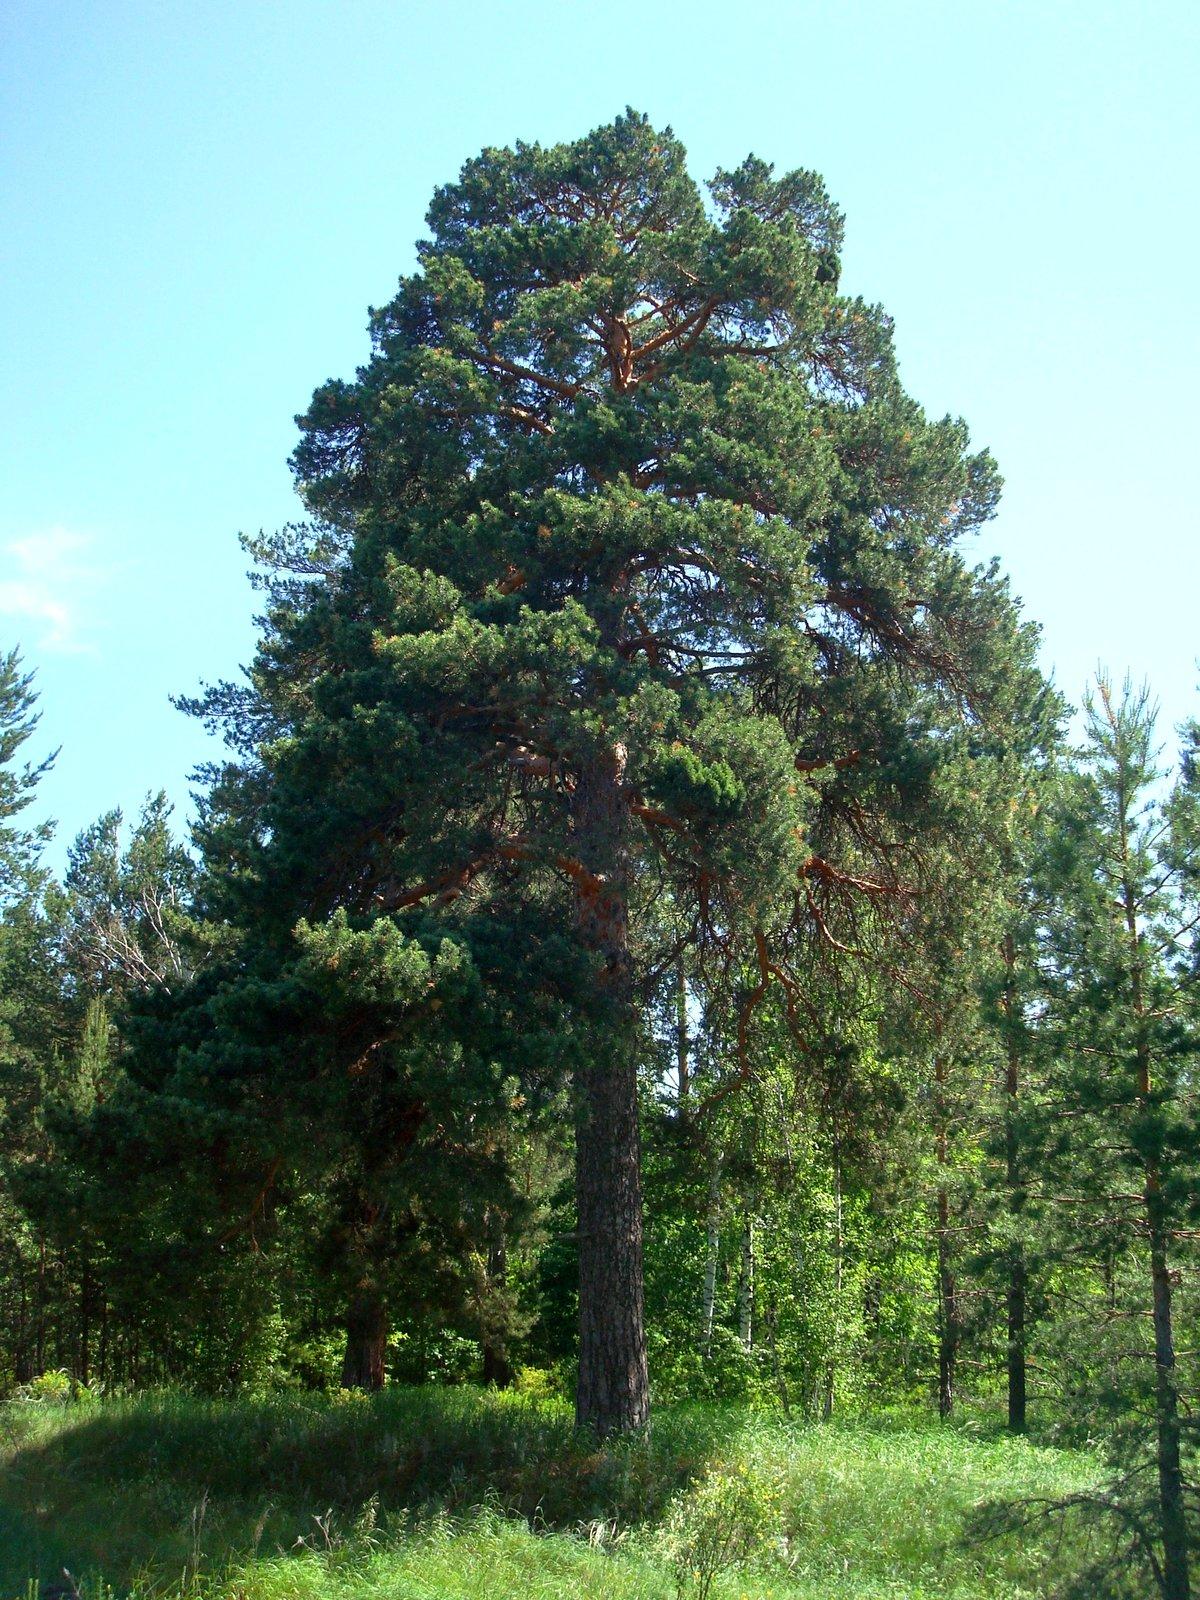 очень зелёный деревья леса нижегородской области фото душа становиться призраком